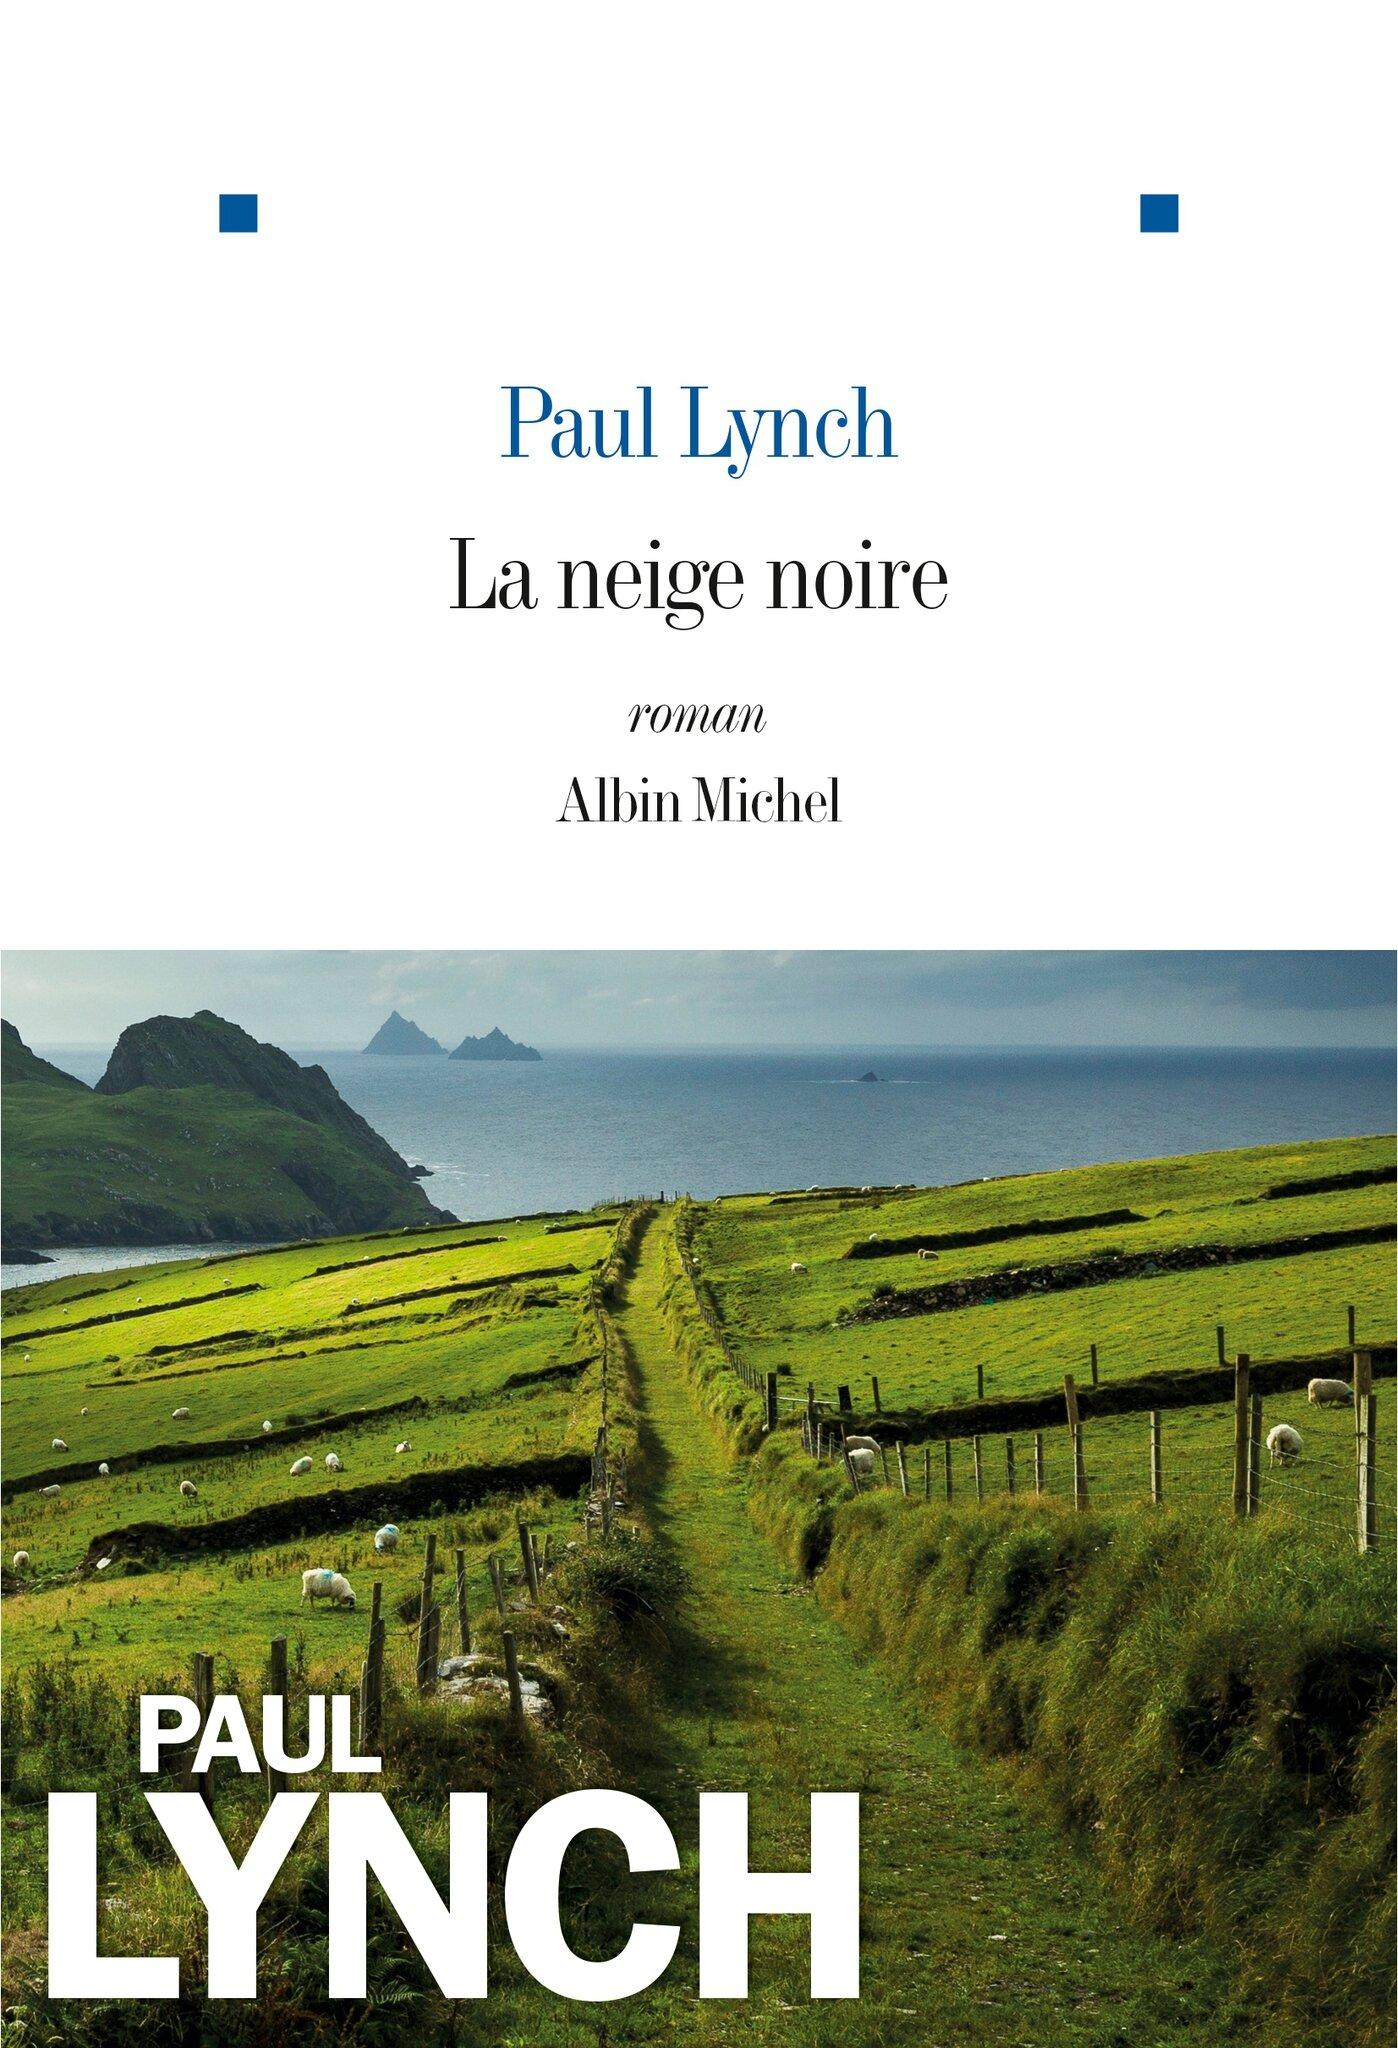 La neige noire, Paul Lynch